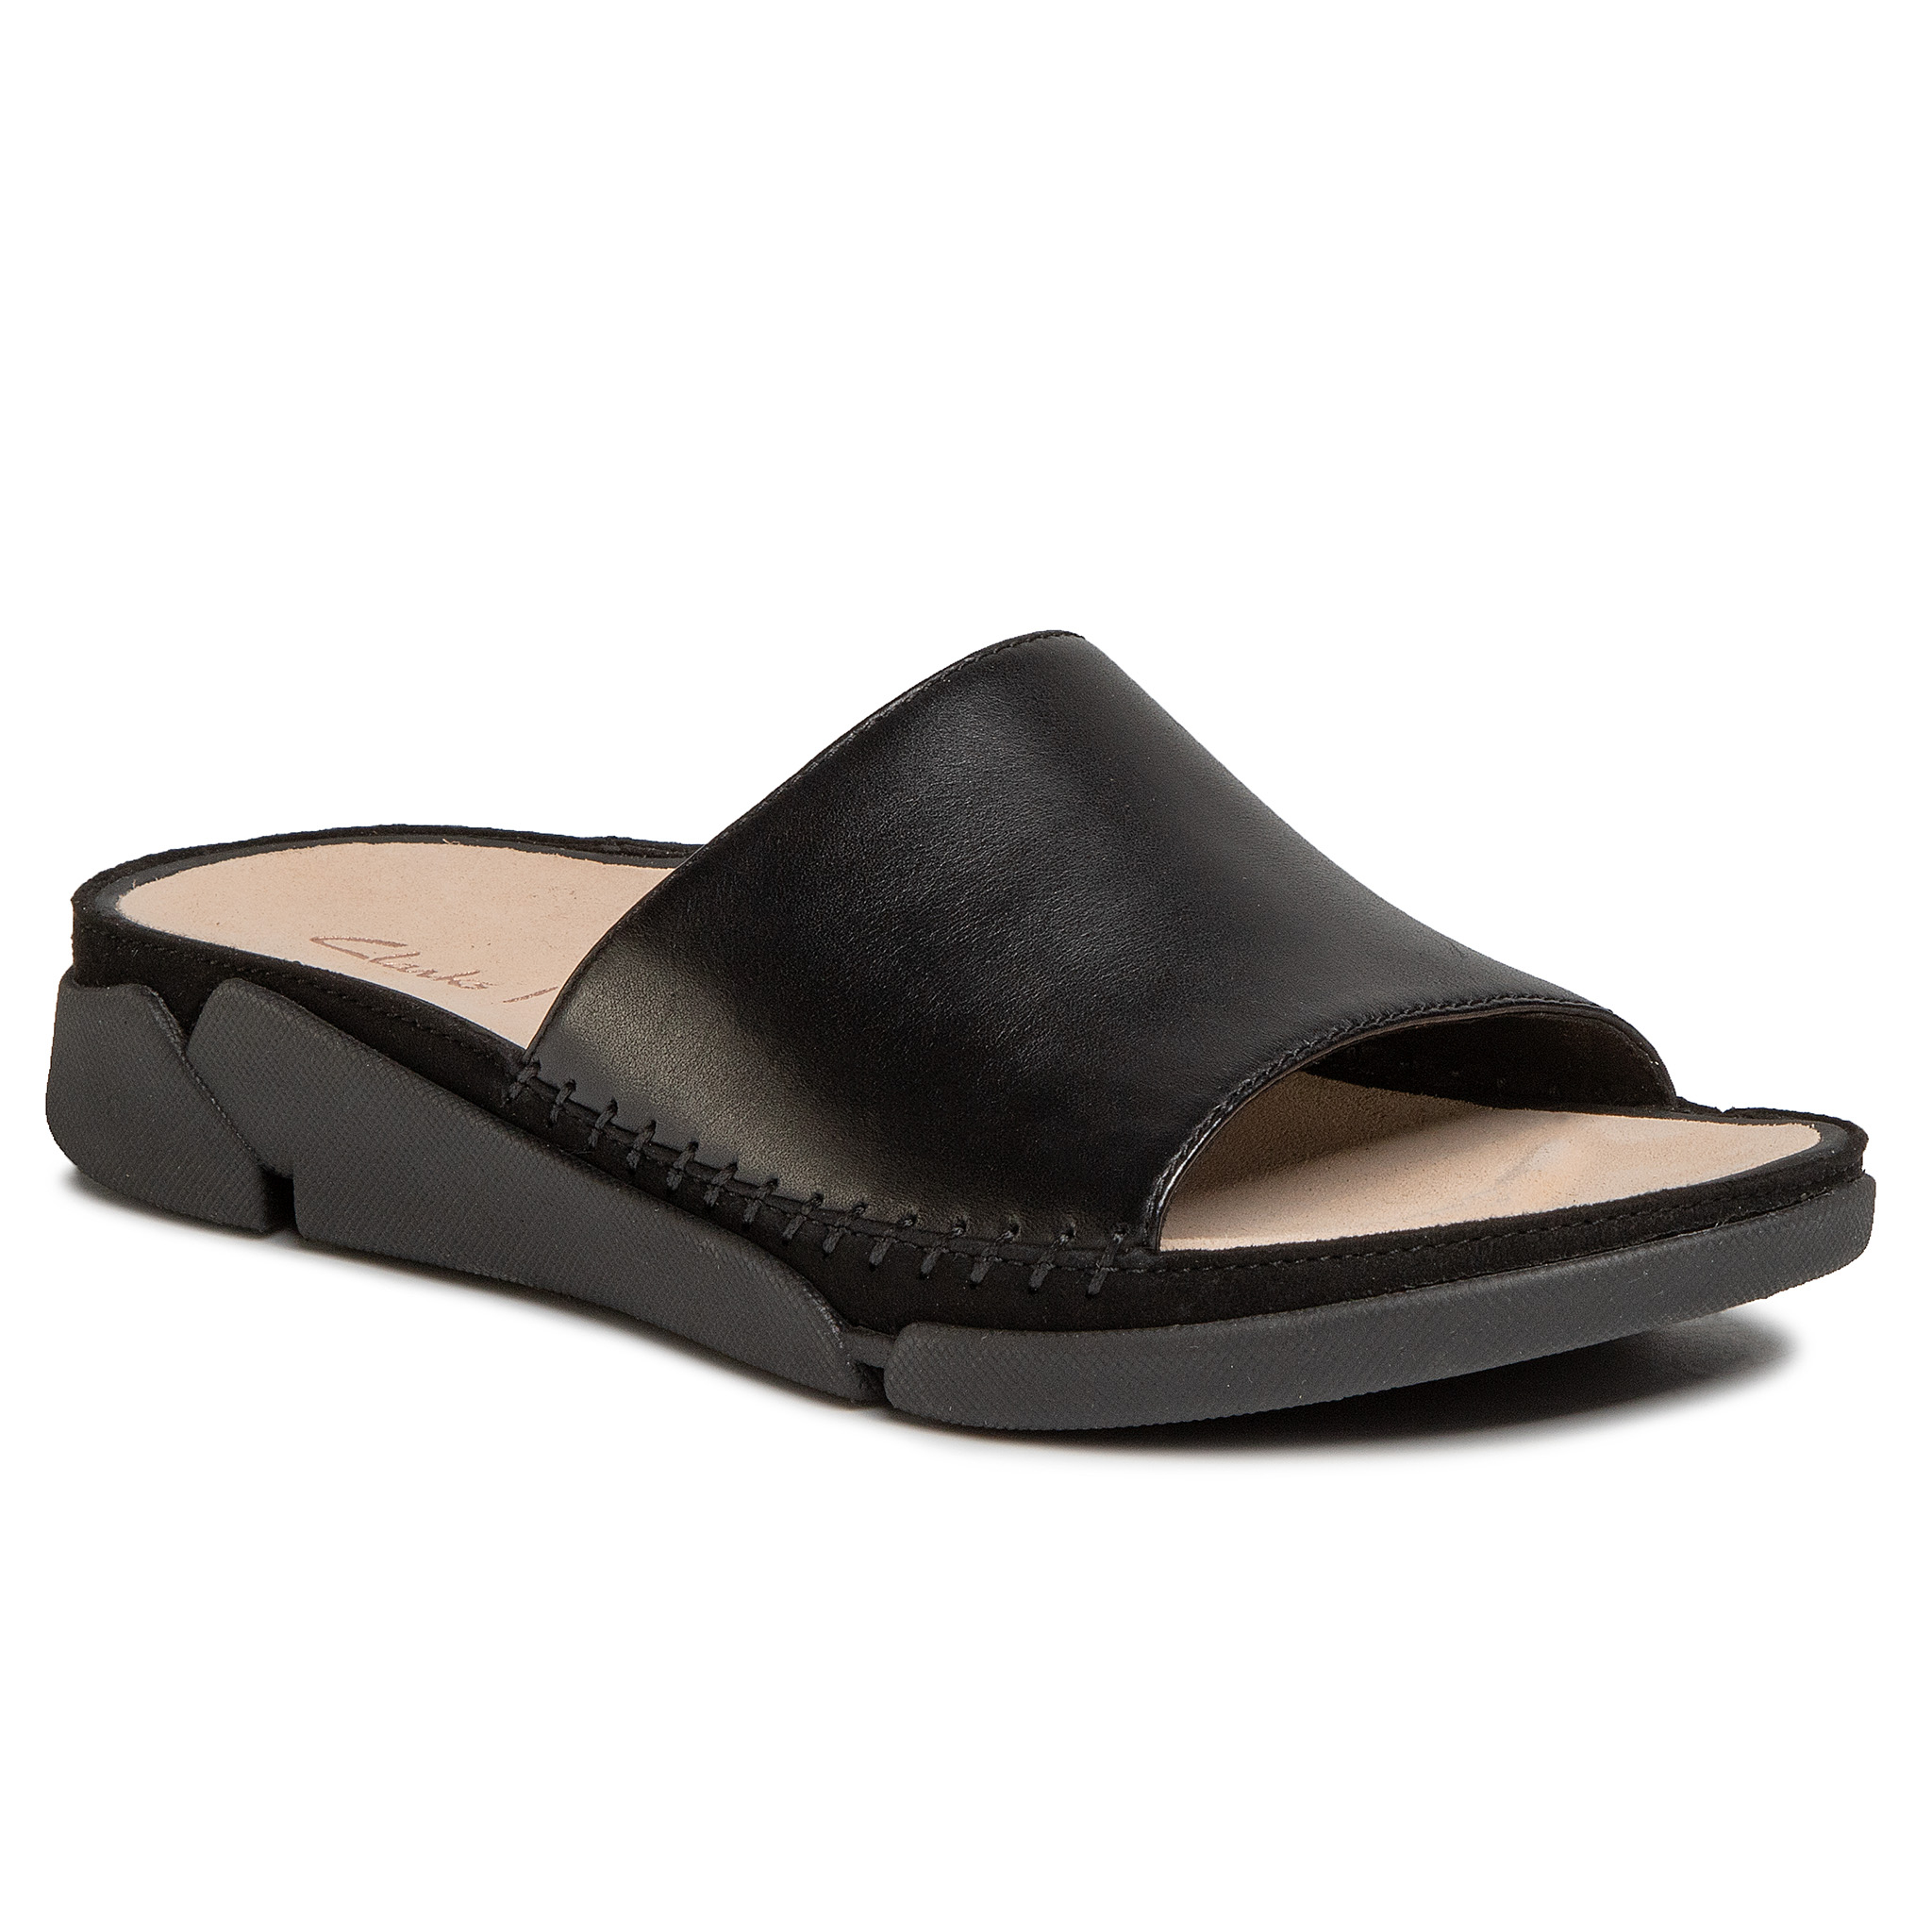 Image of Pantoletten CLARKS - Tri Slide 261487634 Black Leather